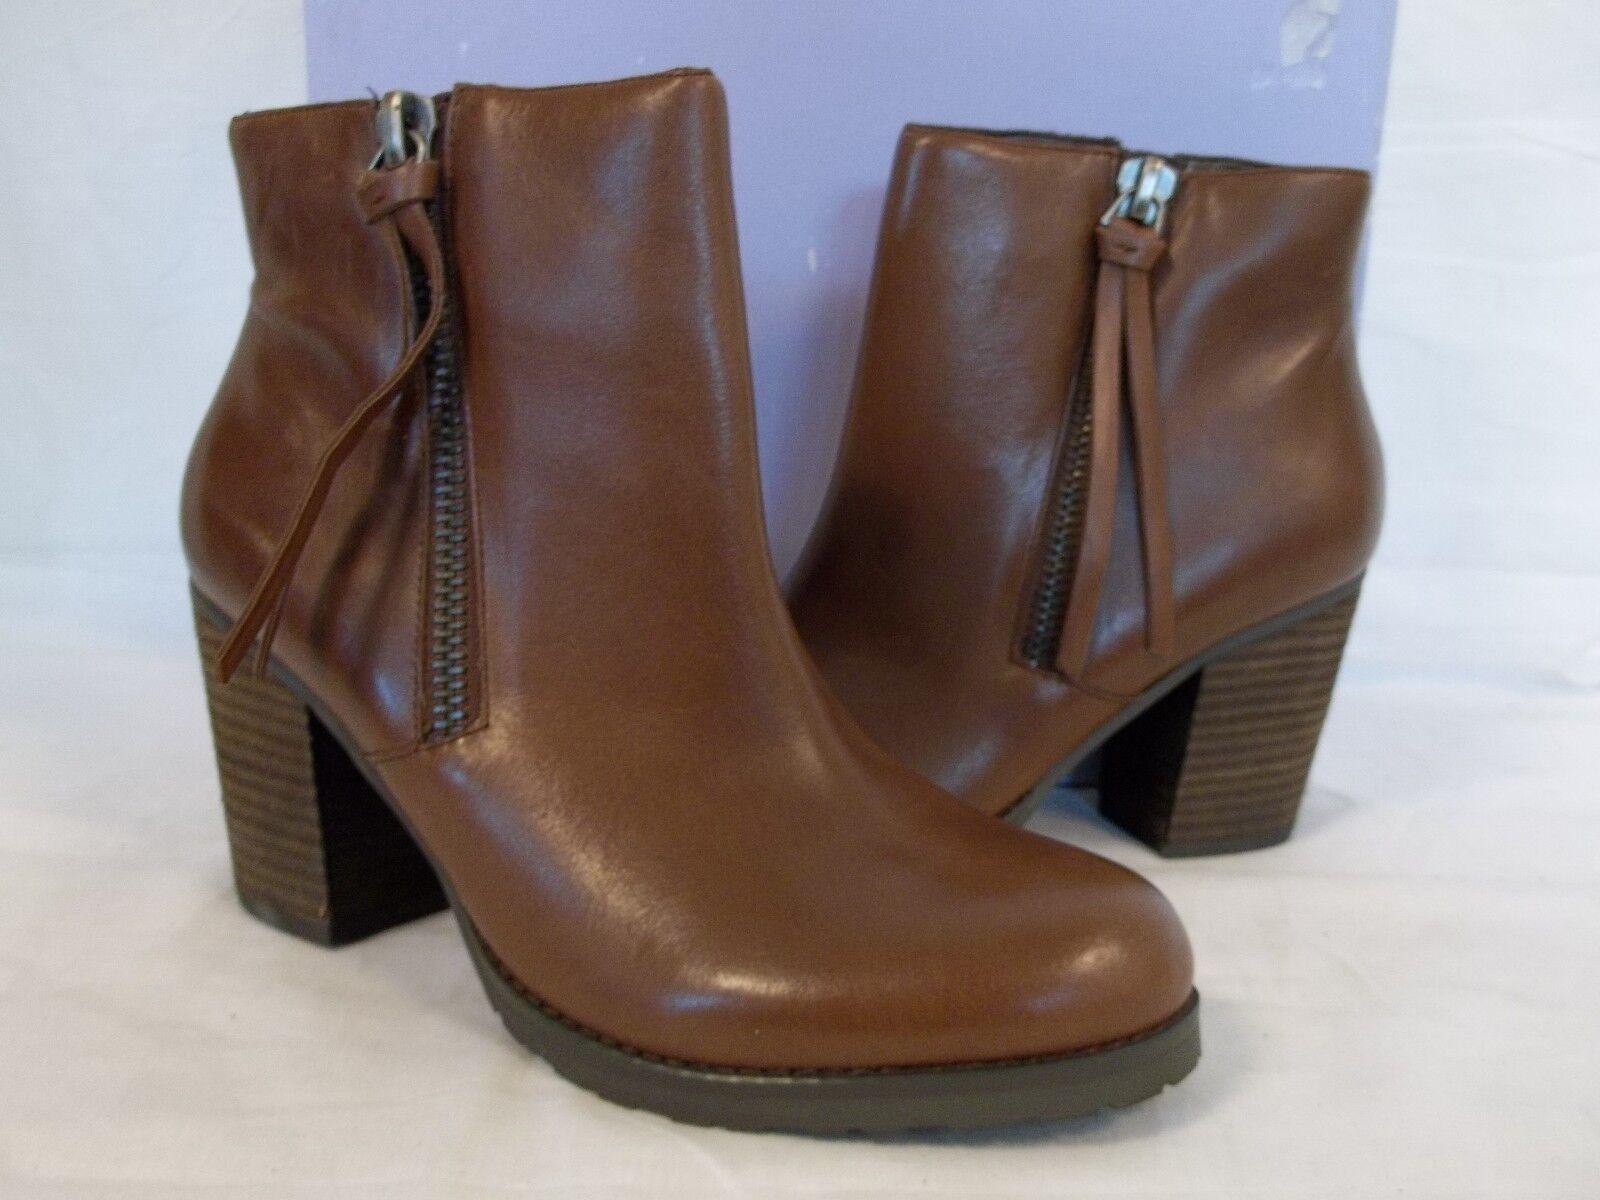 Marc Fisher Fisher Fisher Talla 8.5 M Inclinado De Cuero Marrón botas al Tobillo Zapatos para mujer Nuevo  te hará satisfecho